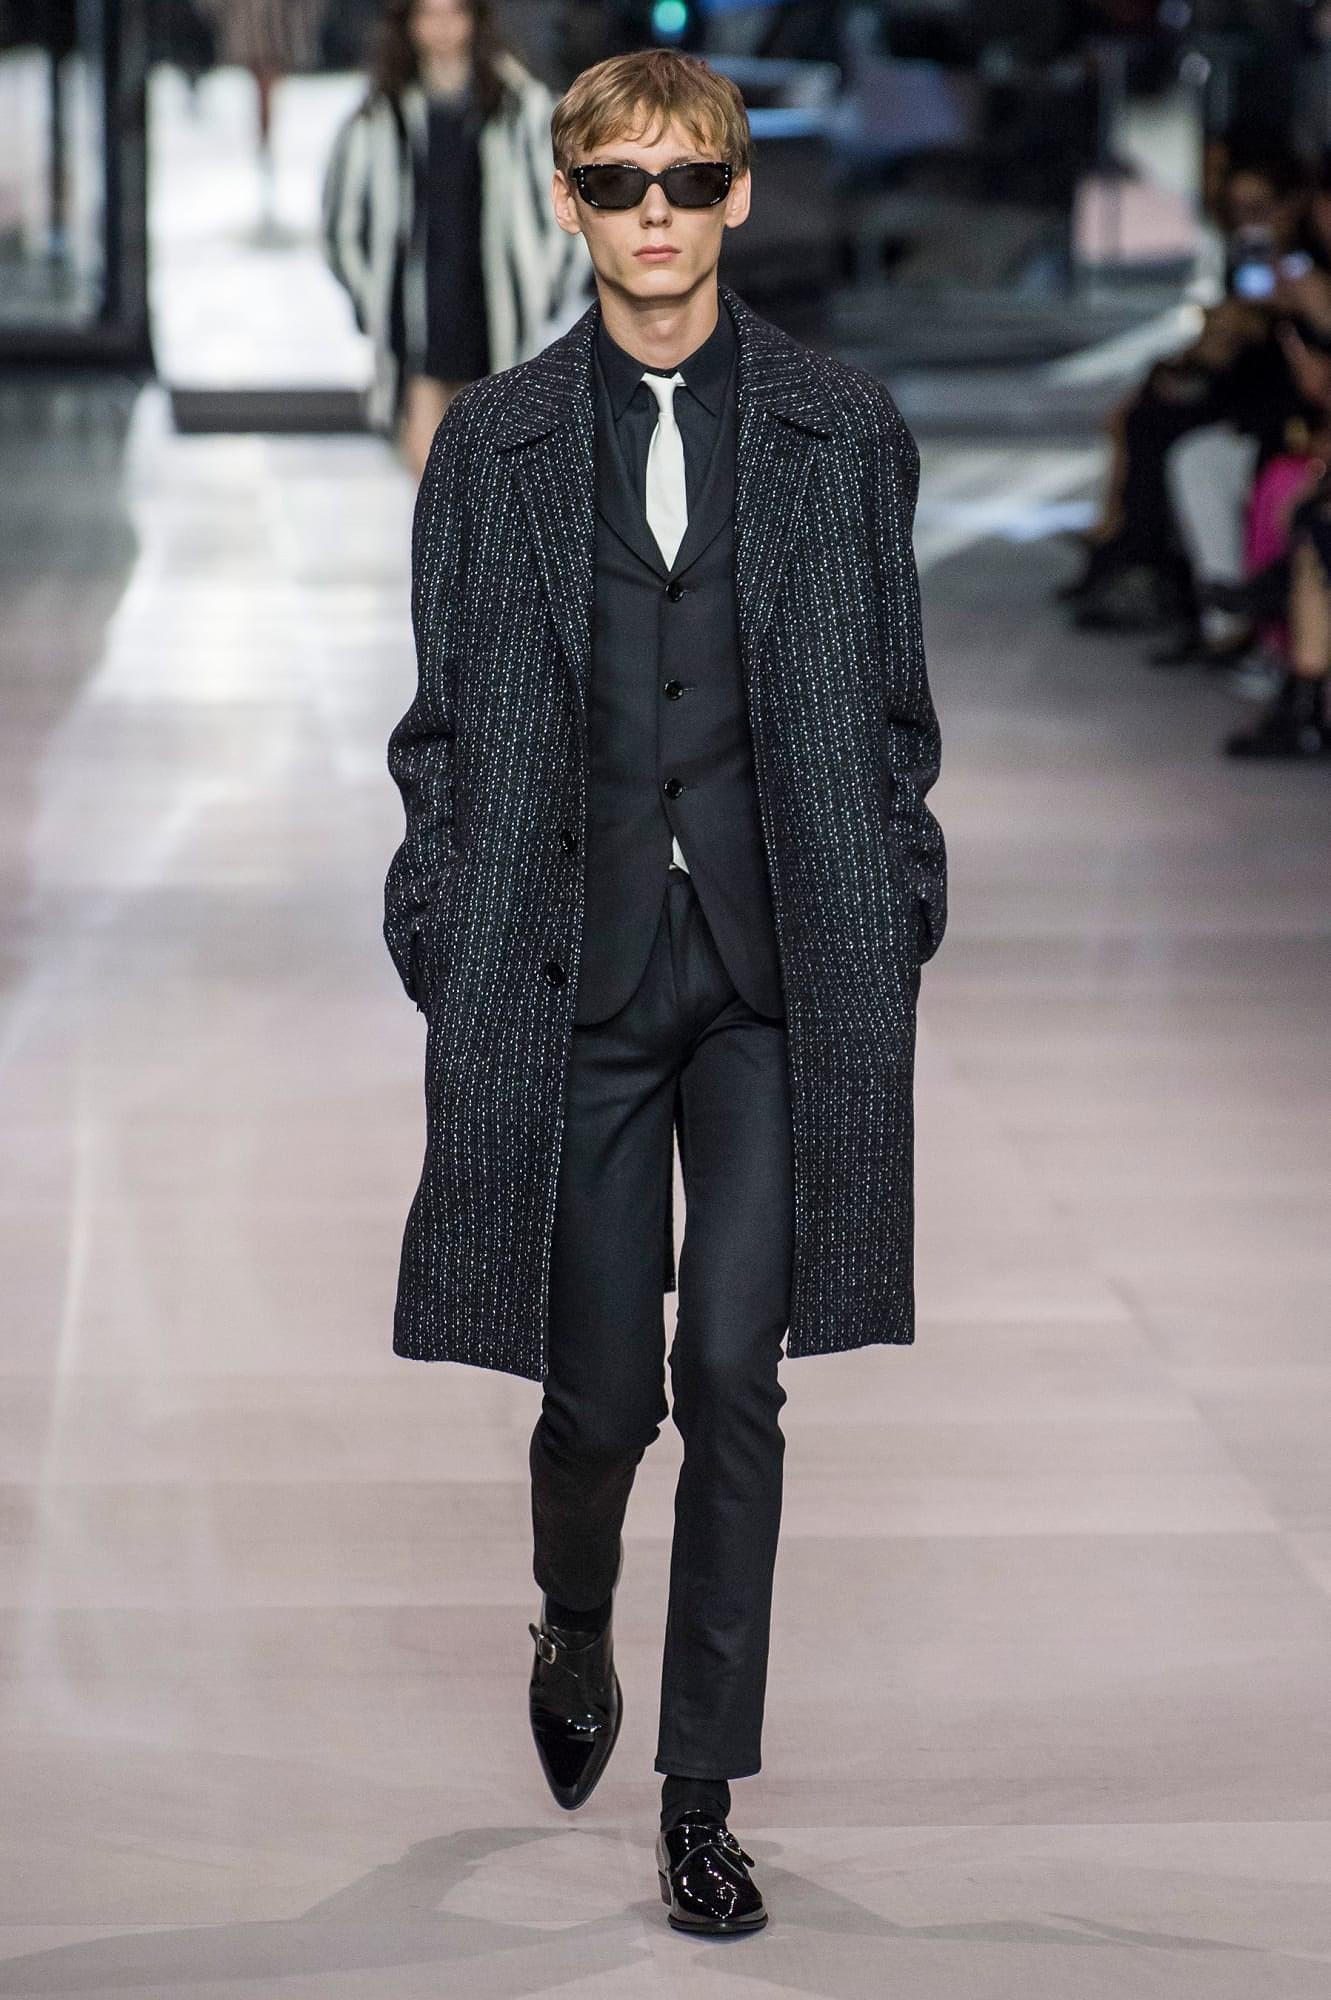 Chiêm ngưỡng những BST nổi bật nhất Tuần lễ thời trang Paris 2019 Ảnh 5